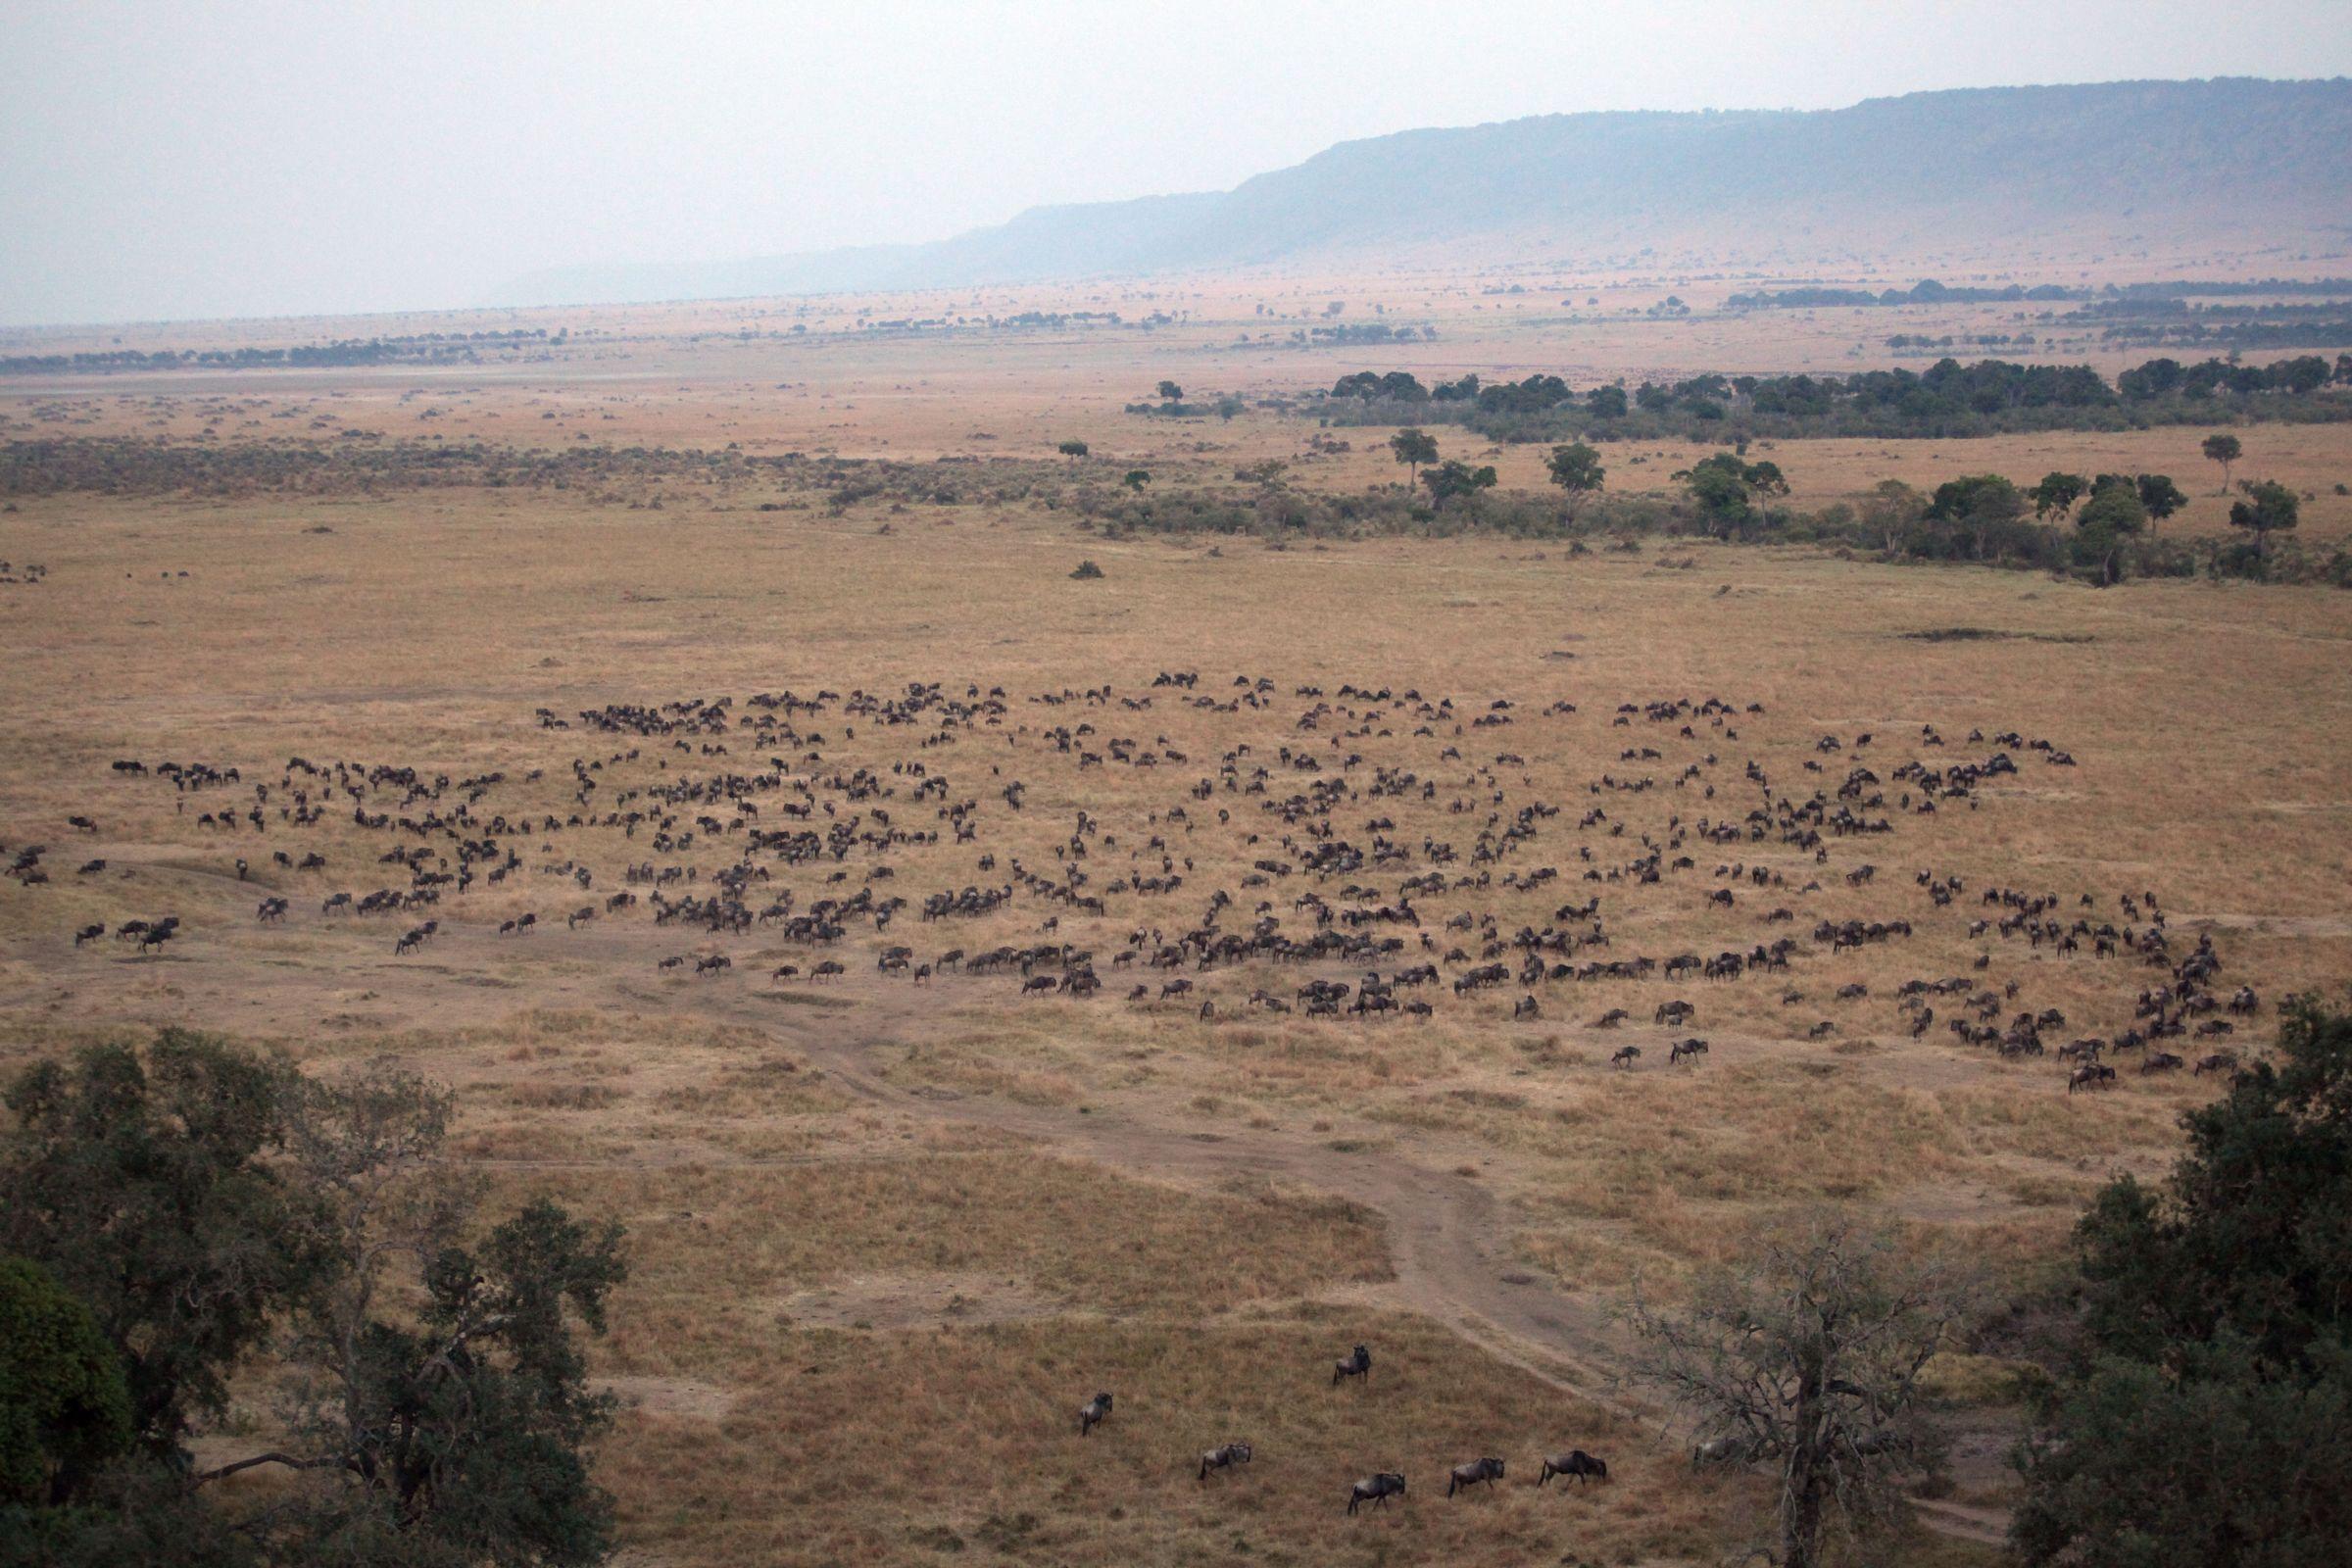 肯尼亚 动物大迁徙